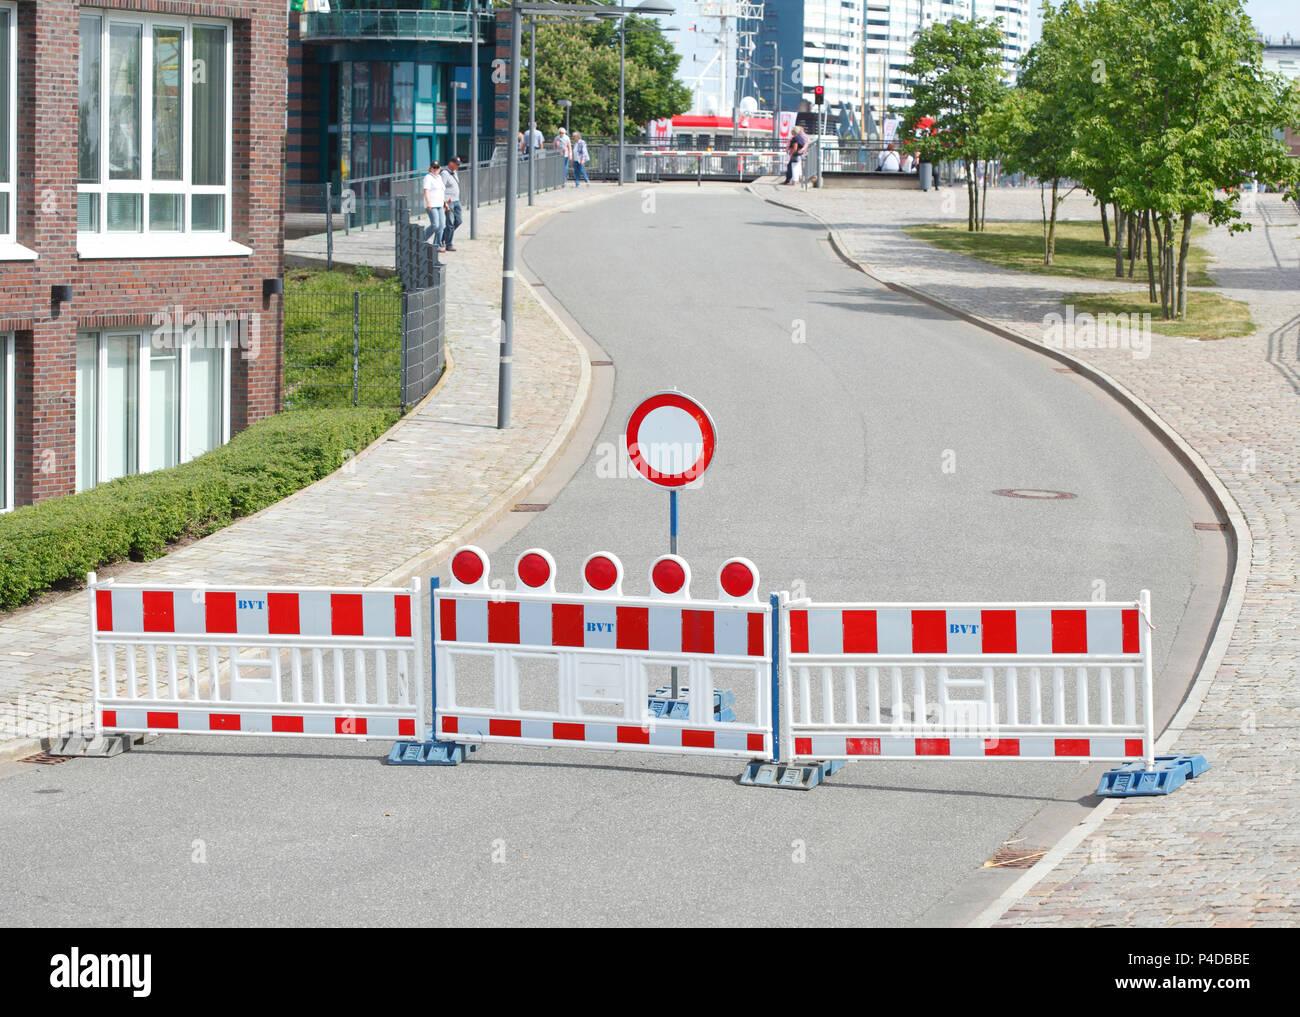 Straßensperre, verkehrsschild Barriere, auf Fahrzeugen aller Art verbot, kurvenreiche Straße, Bremerhaven, Deutschland Ich Straßensperre, Verkehrsschild Absperrschranke, VStockfoto